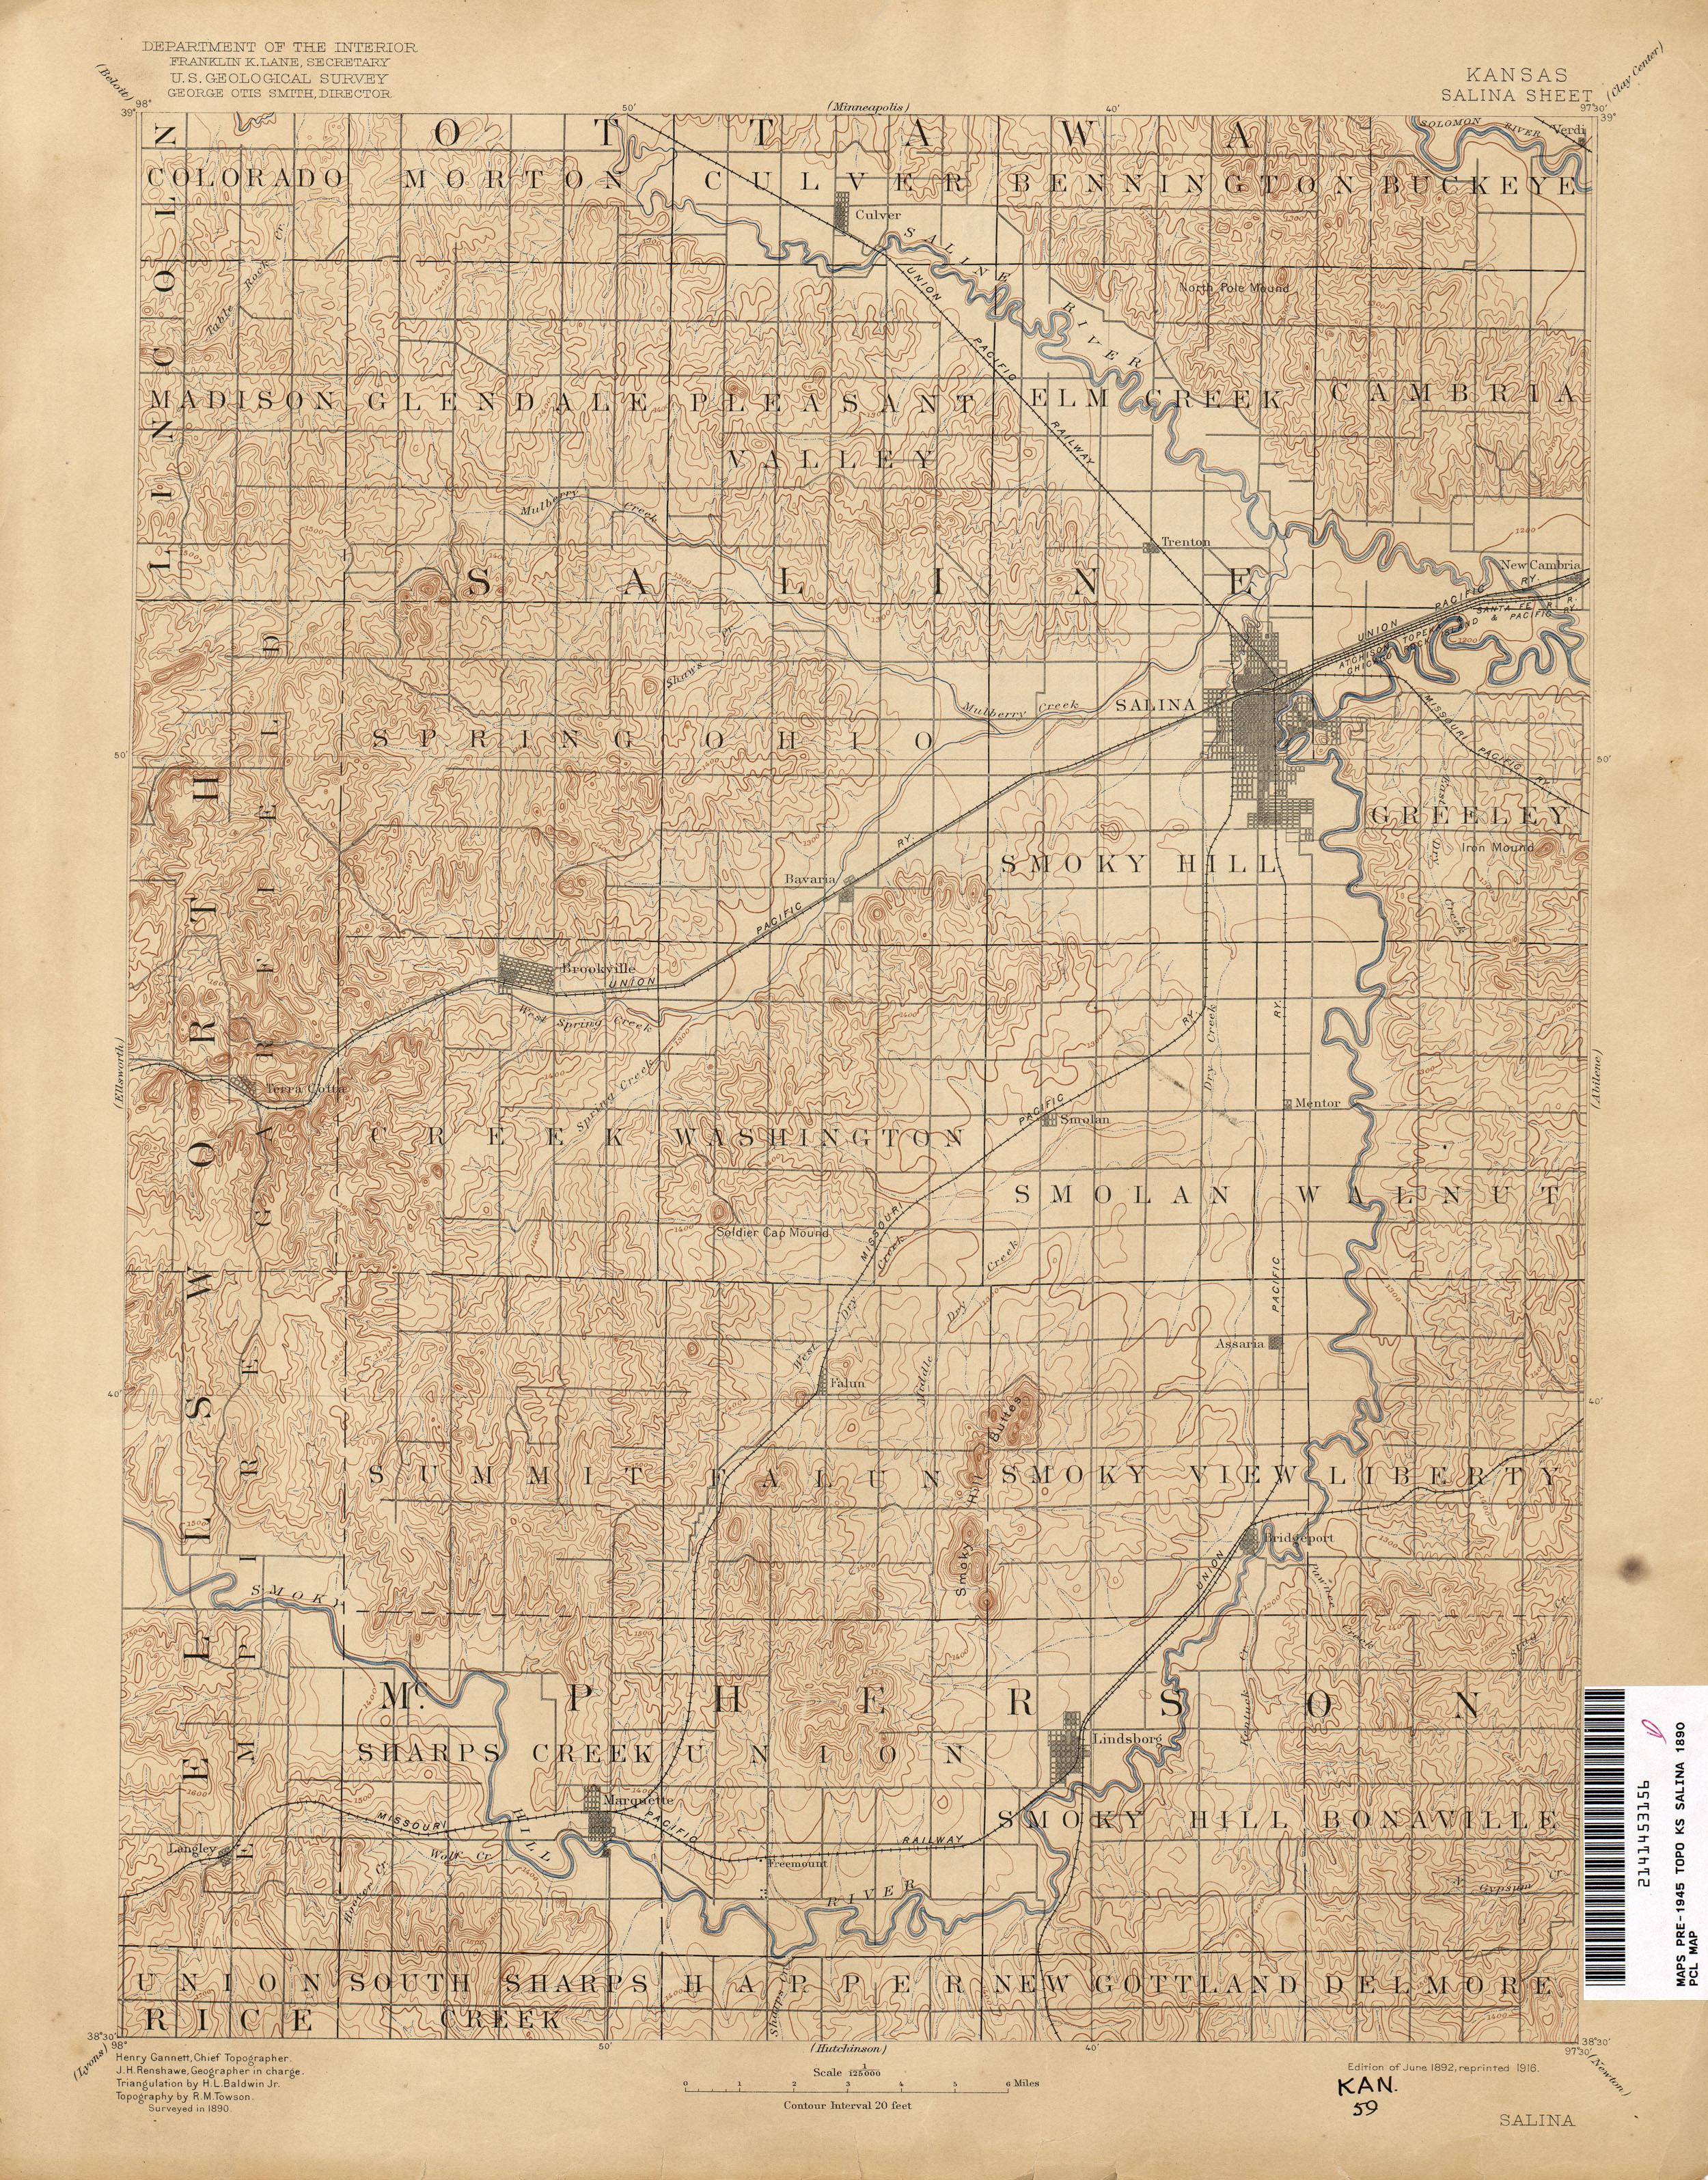 Kansas Historical Topographic Maps PerryCastañeda Map - Salinas ks us map